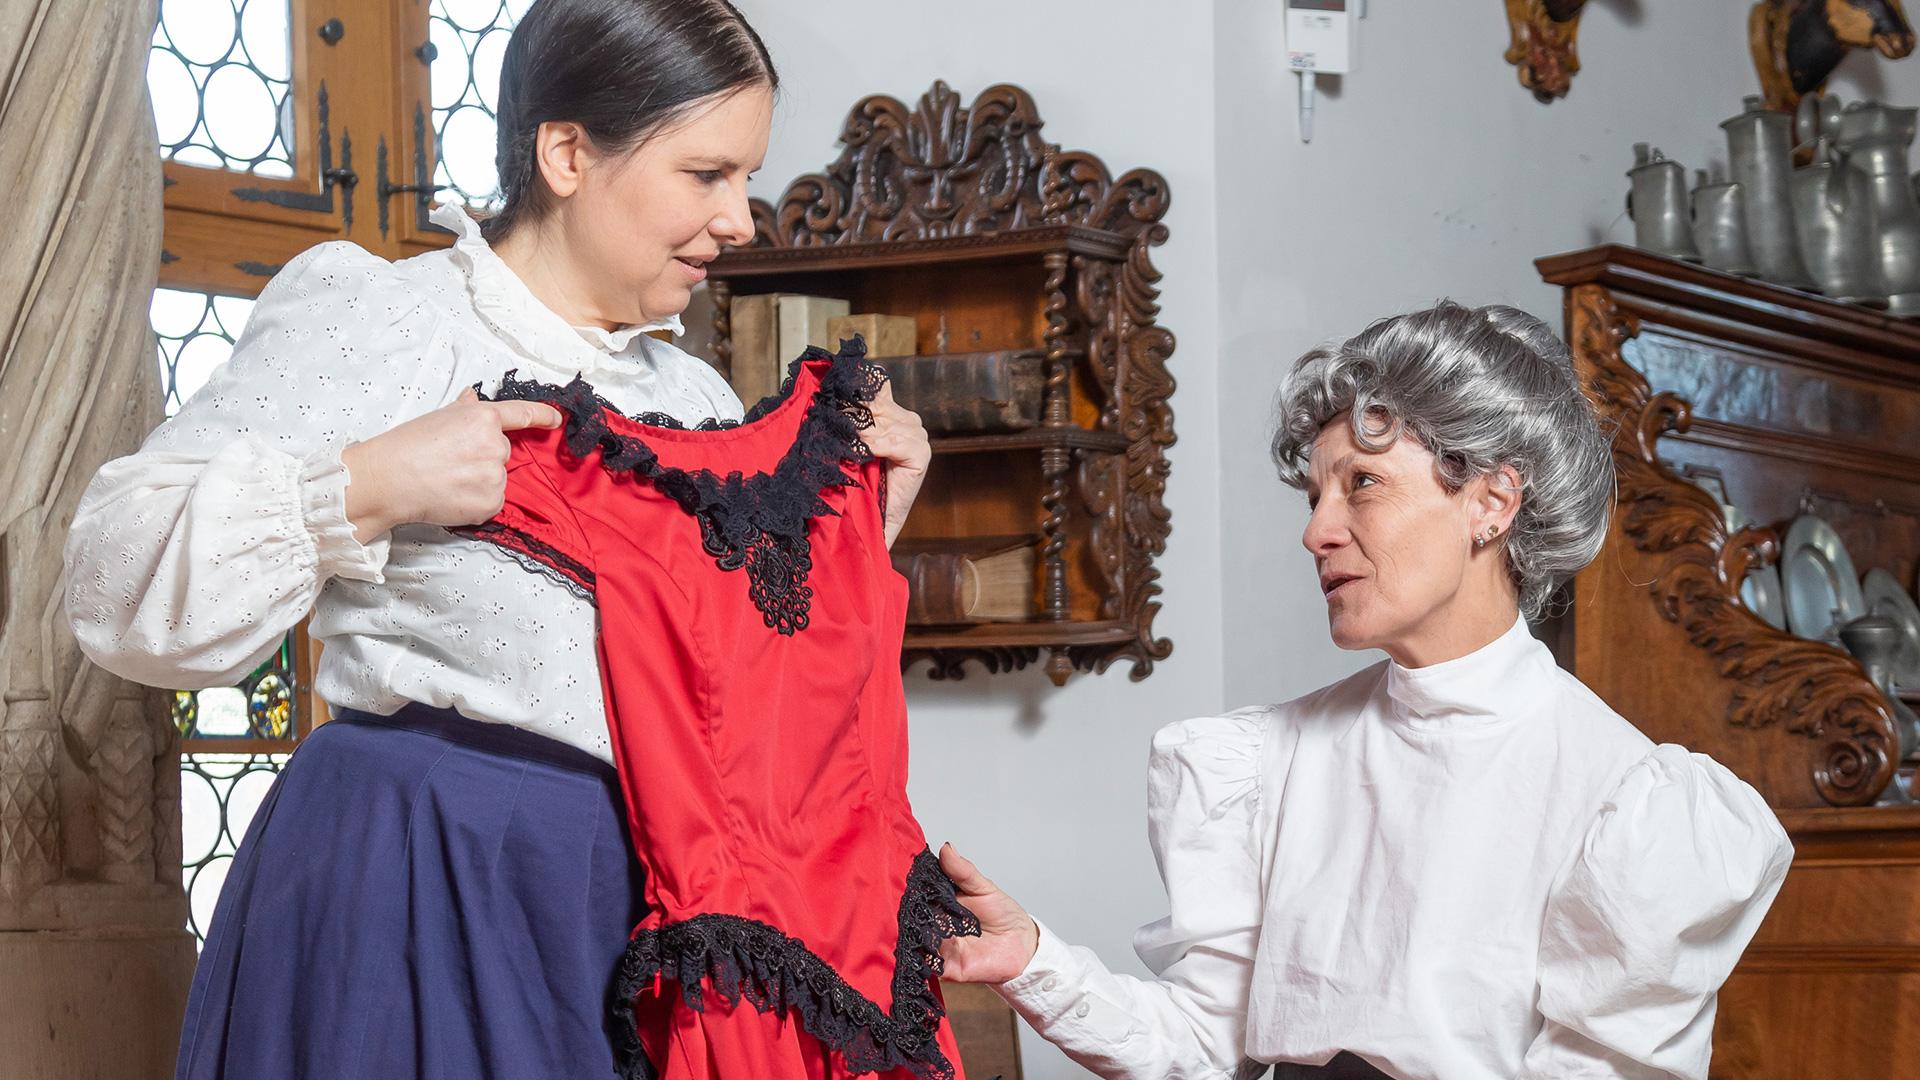 Theaterszene mit zwei historisch gekleideten Schauspielerinnen